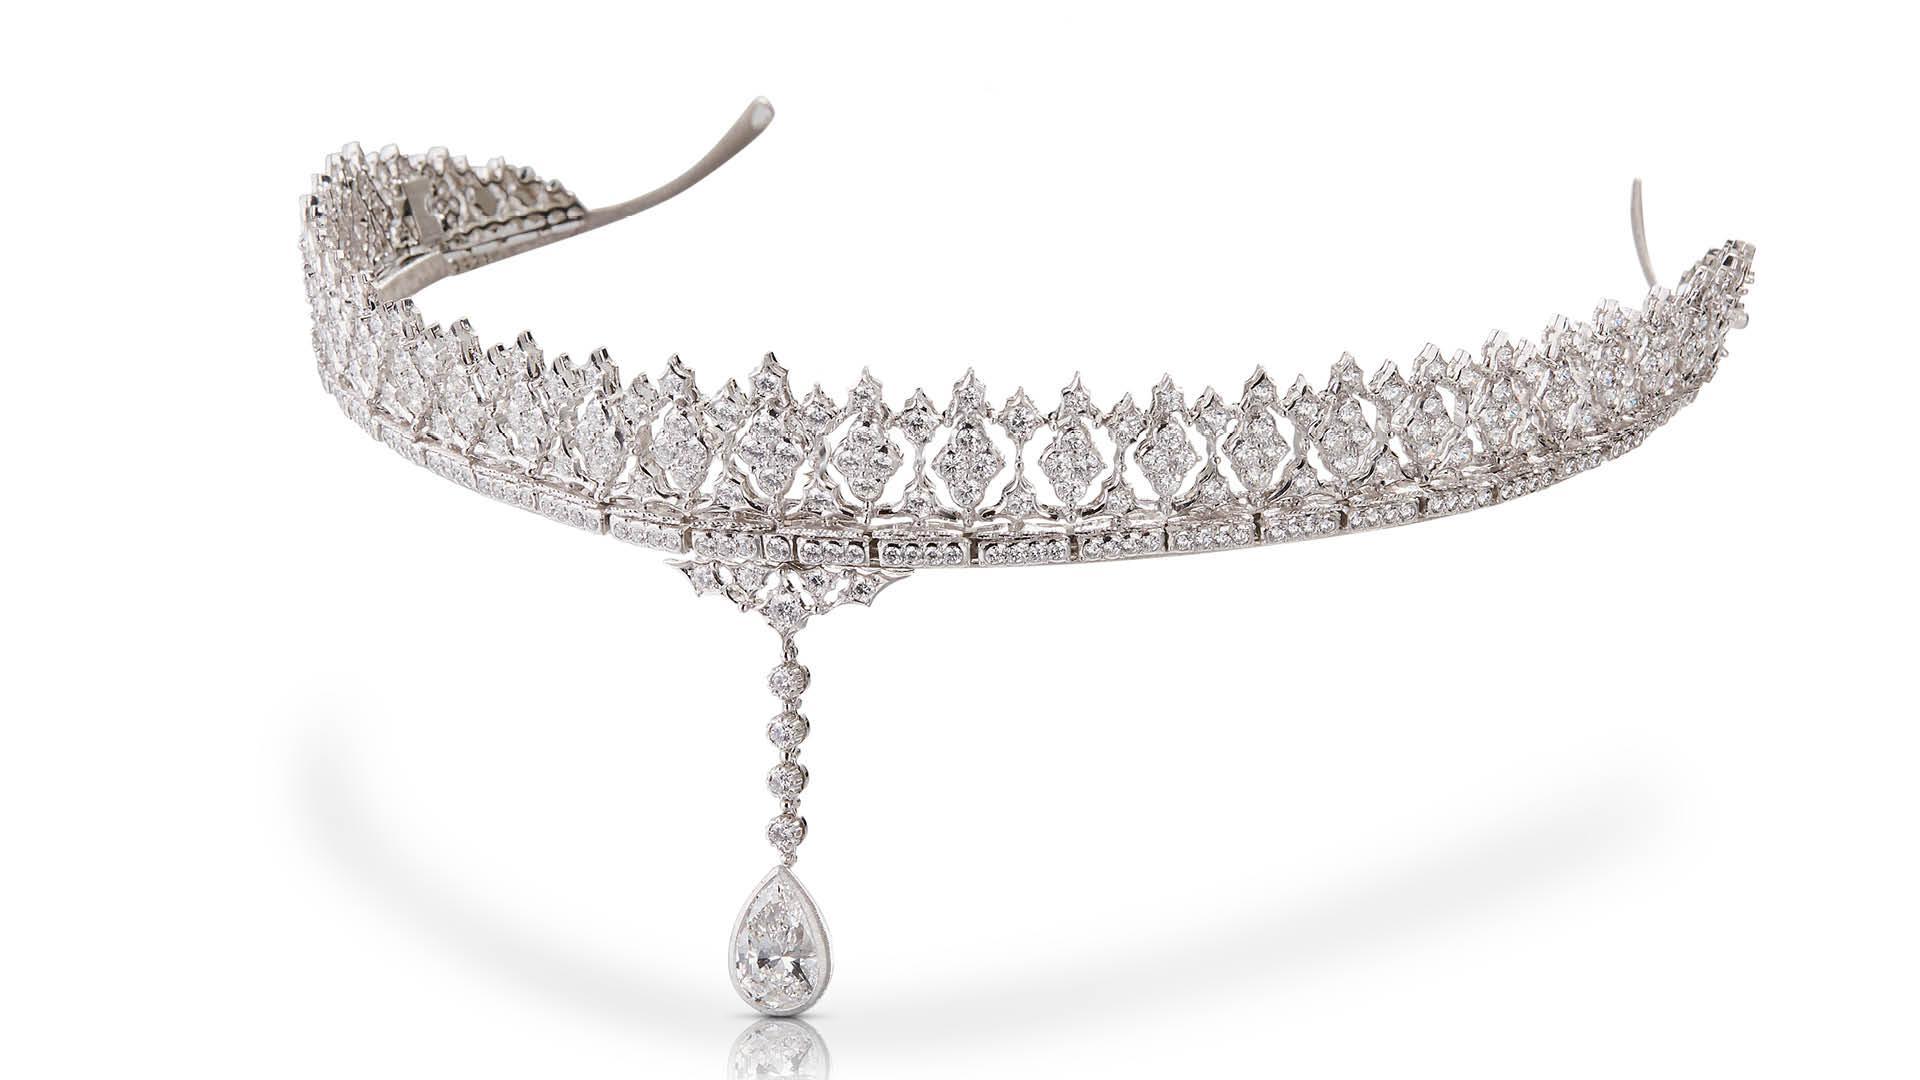 Buccellati Carlotta diamond tiara